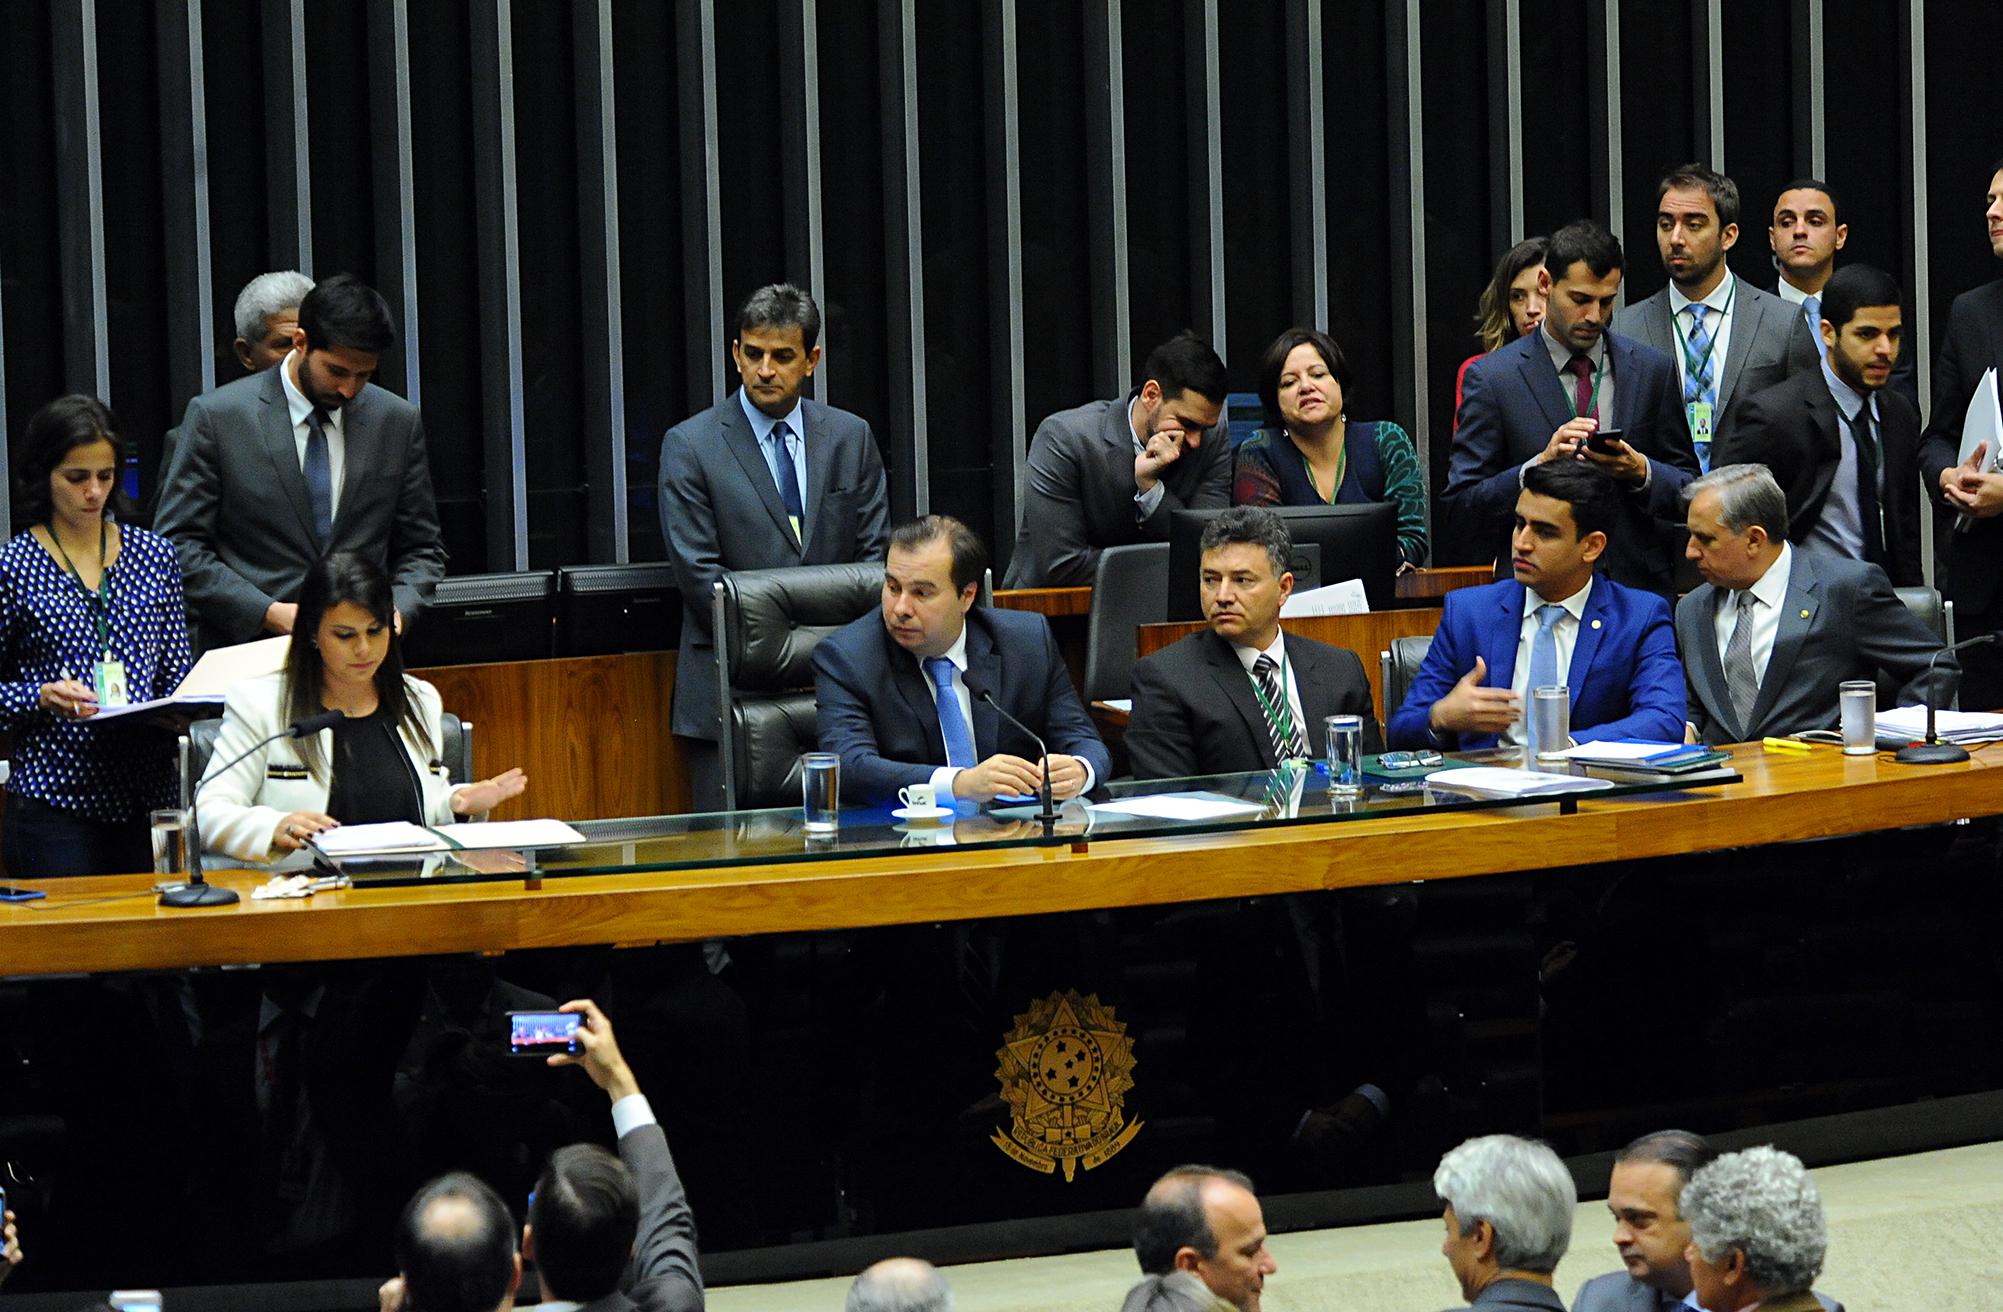 Dep. Mariana Carvalho (PSDB-RO) lê em Plenário, a denúncia encaminhada pelo Supremo Tribunal Federal (STF) contra o presidente da República, Michel Temer, por corrupção passiva